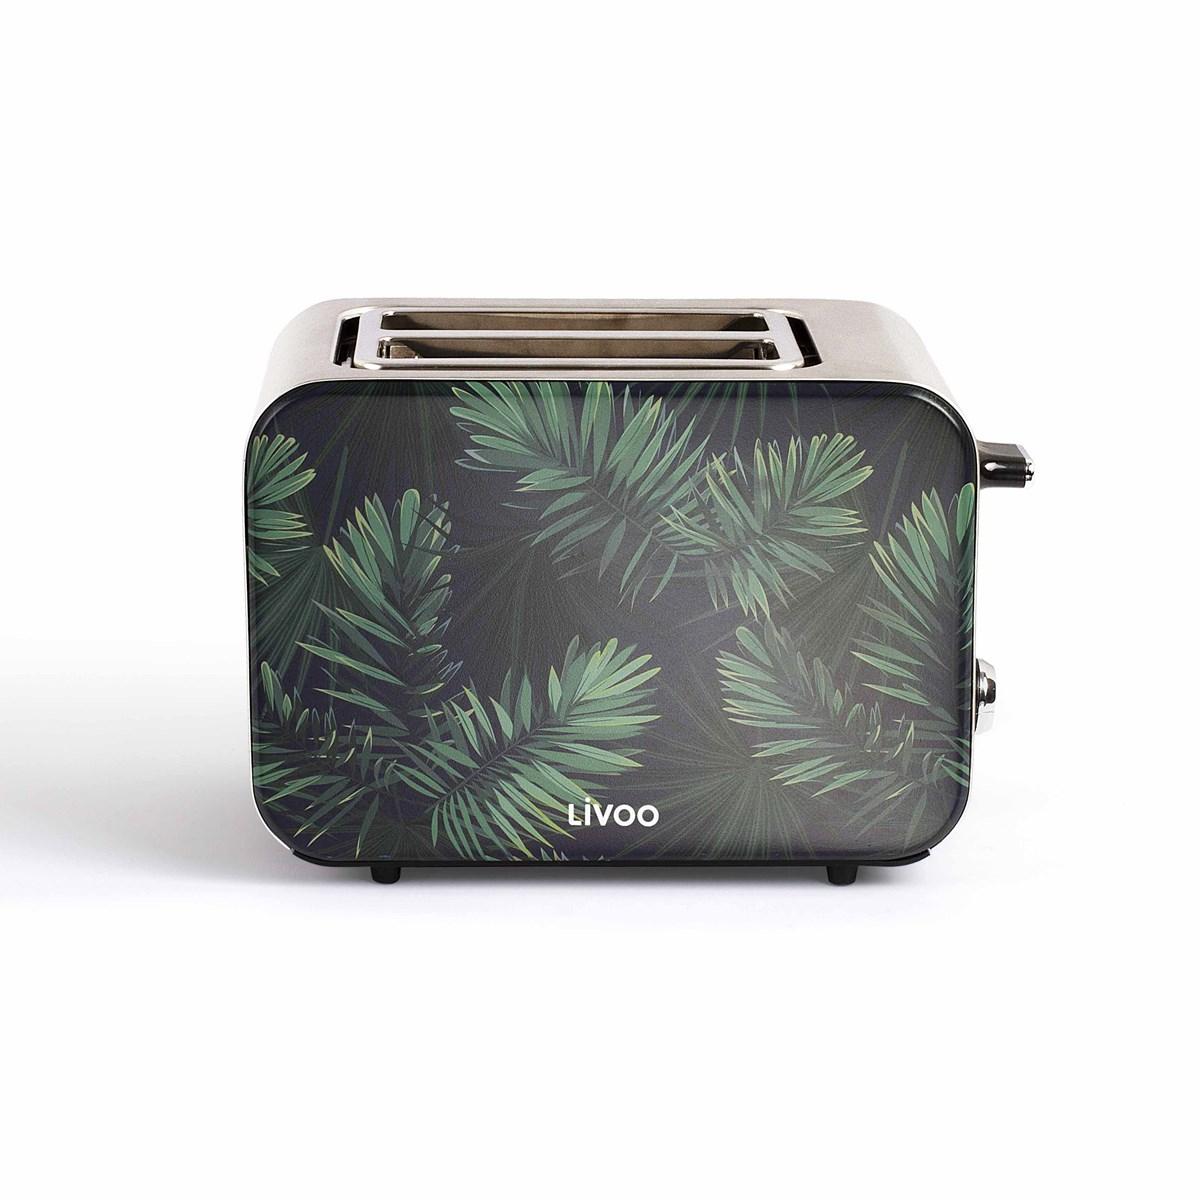 Livoo Grille-pain Jungle en Acier inoxydable Vert